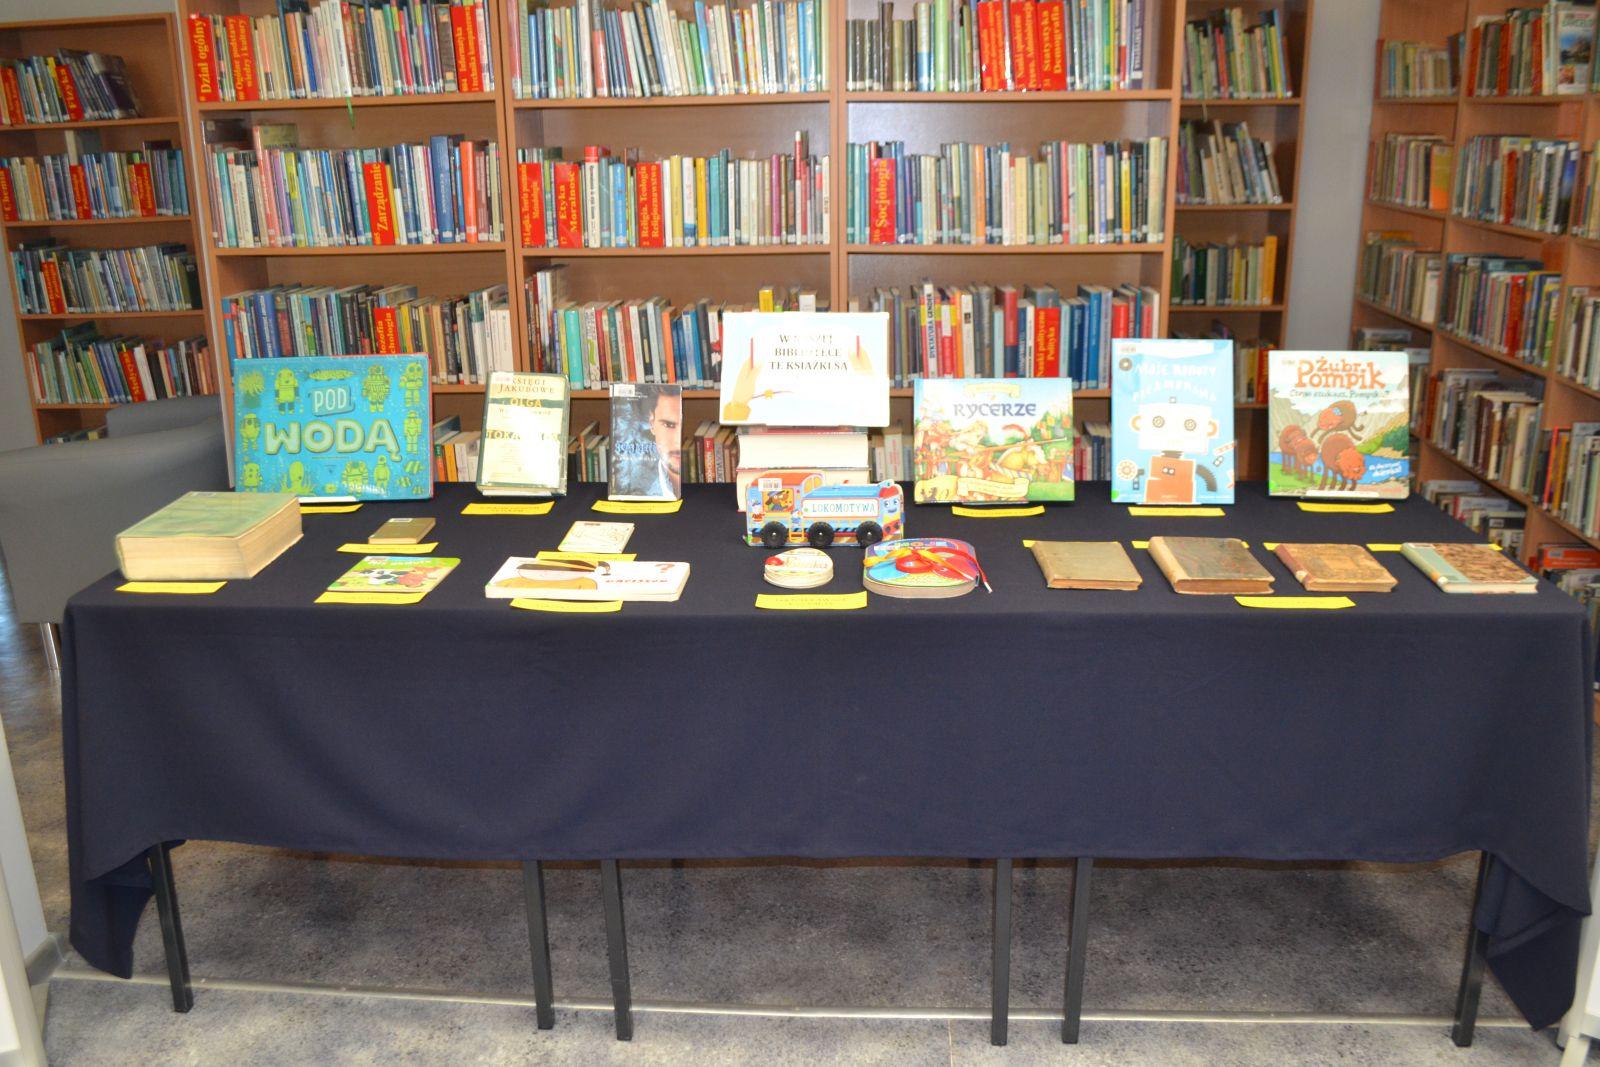 Wystawka książek na tle bibliotecznych regałów.